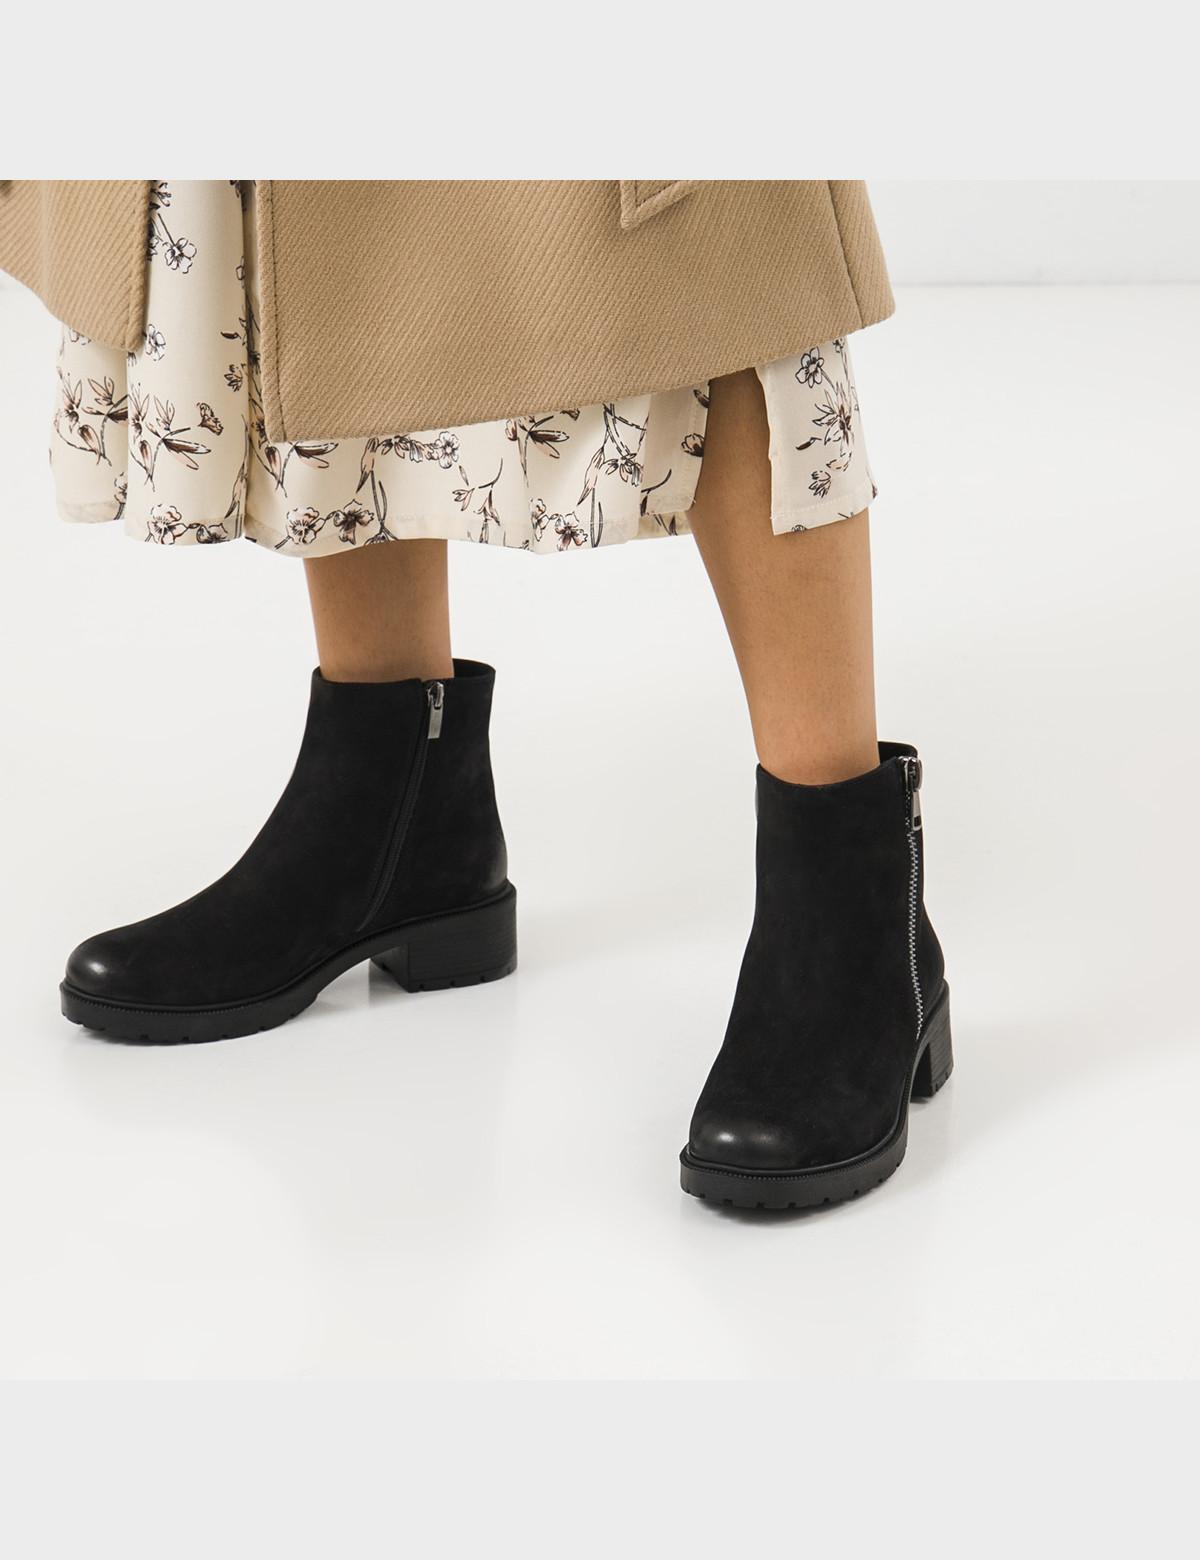 Ботинки черные натуральный нубук. Шерсть5